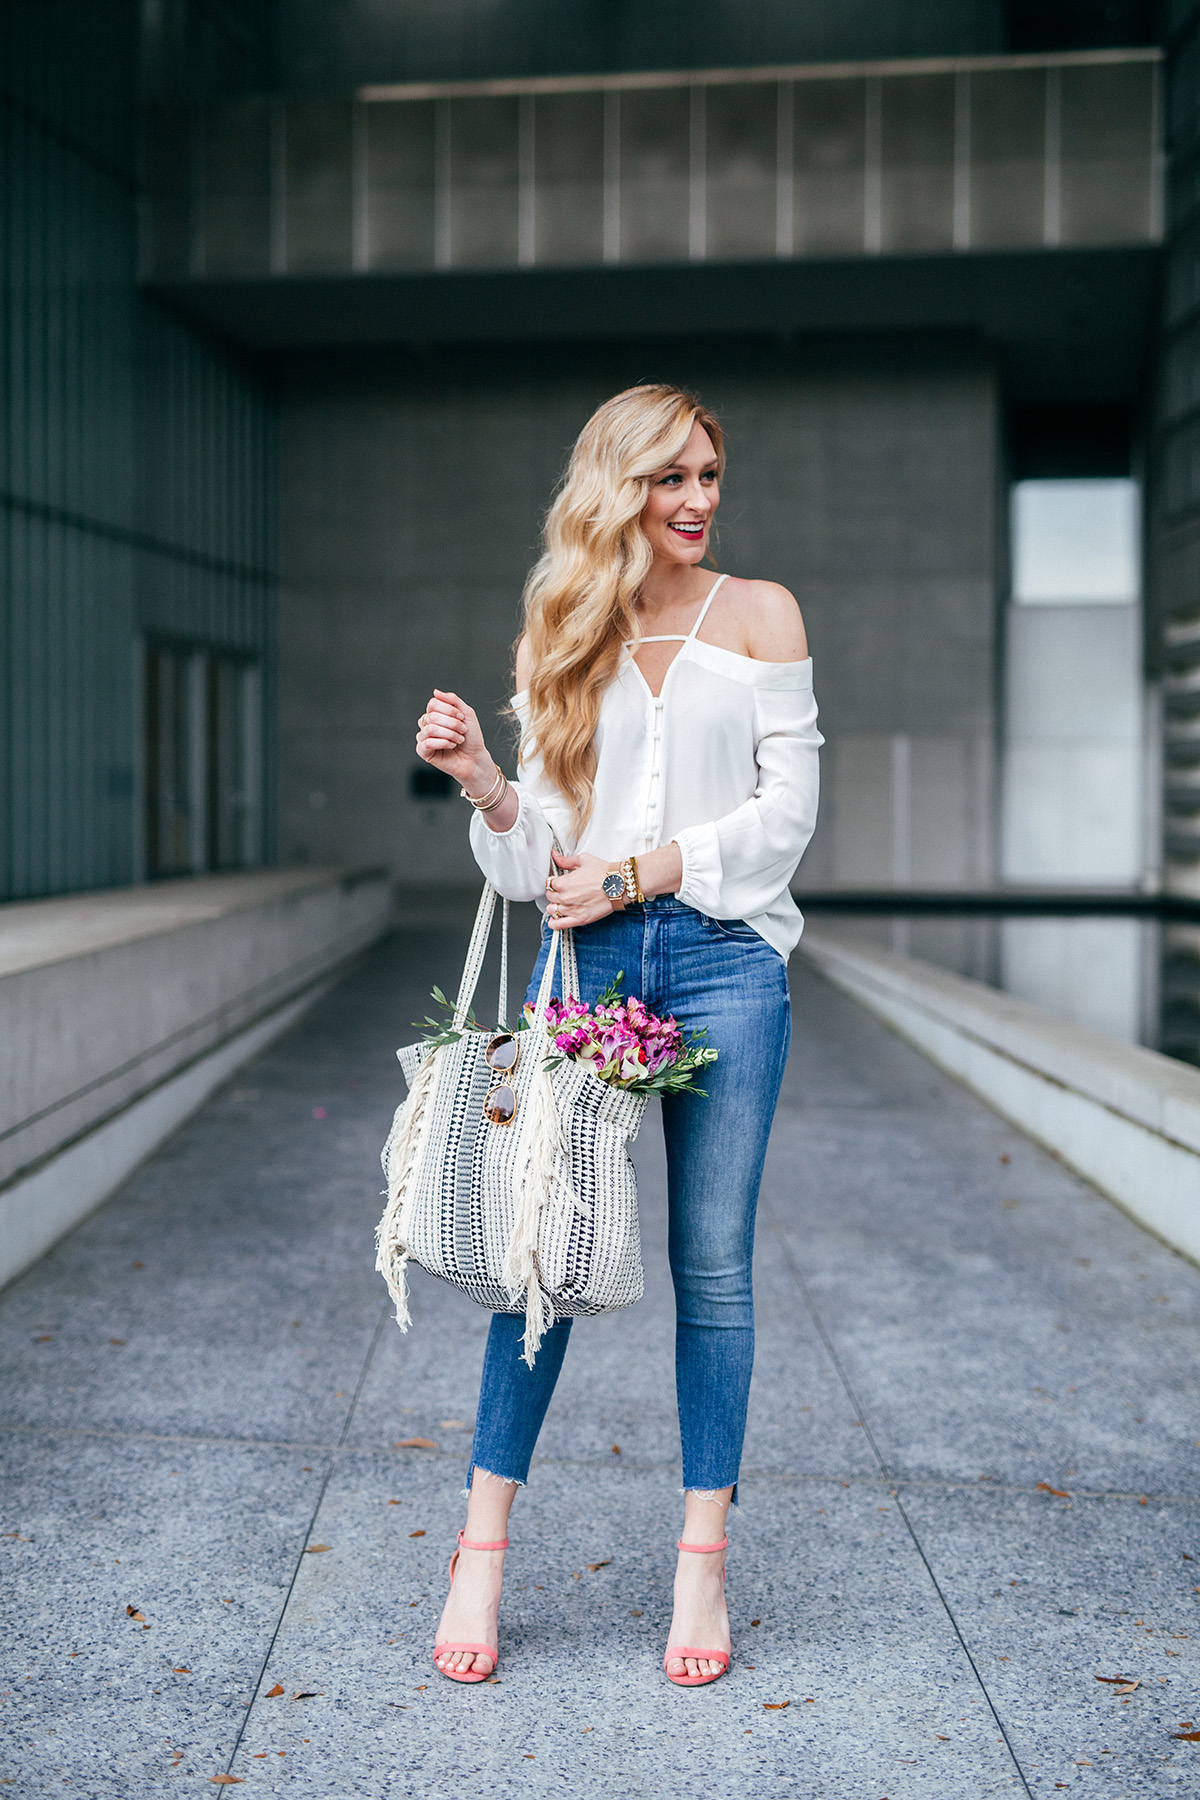 + My Favorite Indulgence Under $5 + Budget-Friendly Ways to Reward Yourself